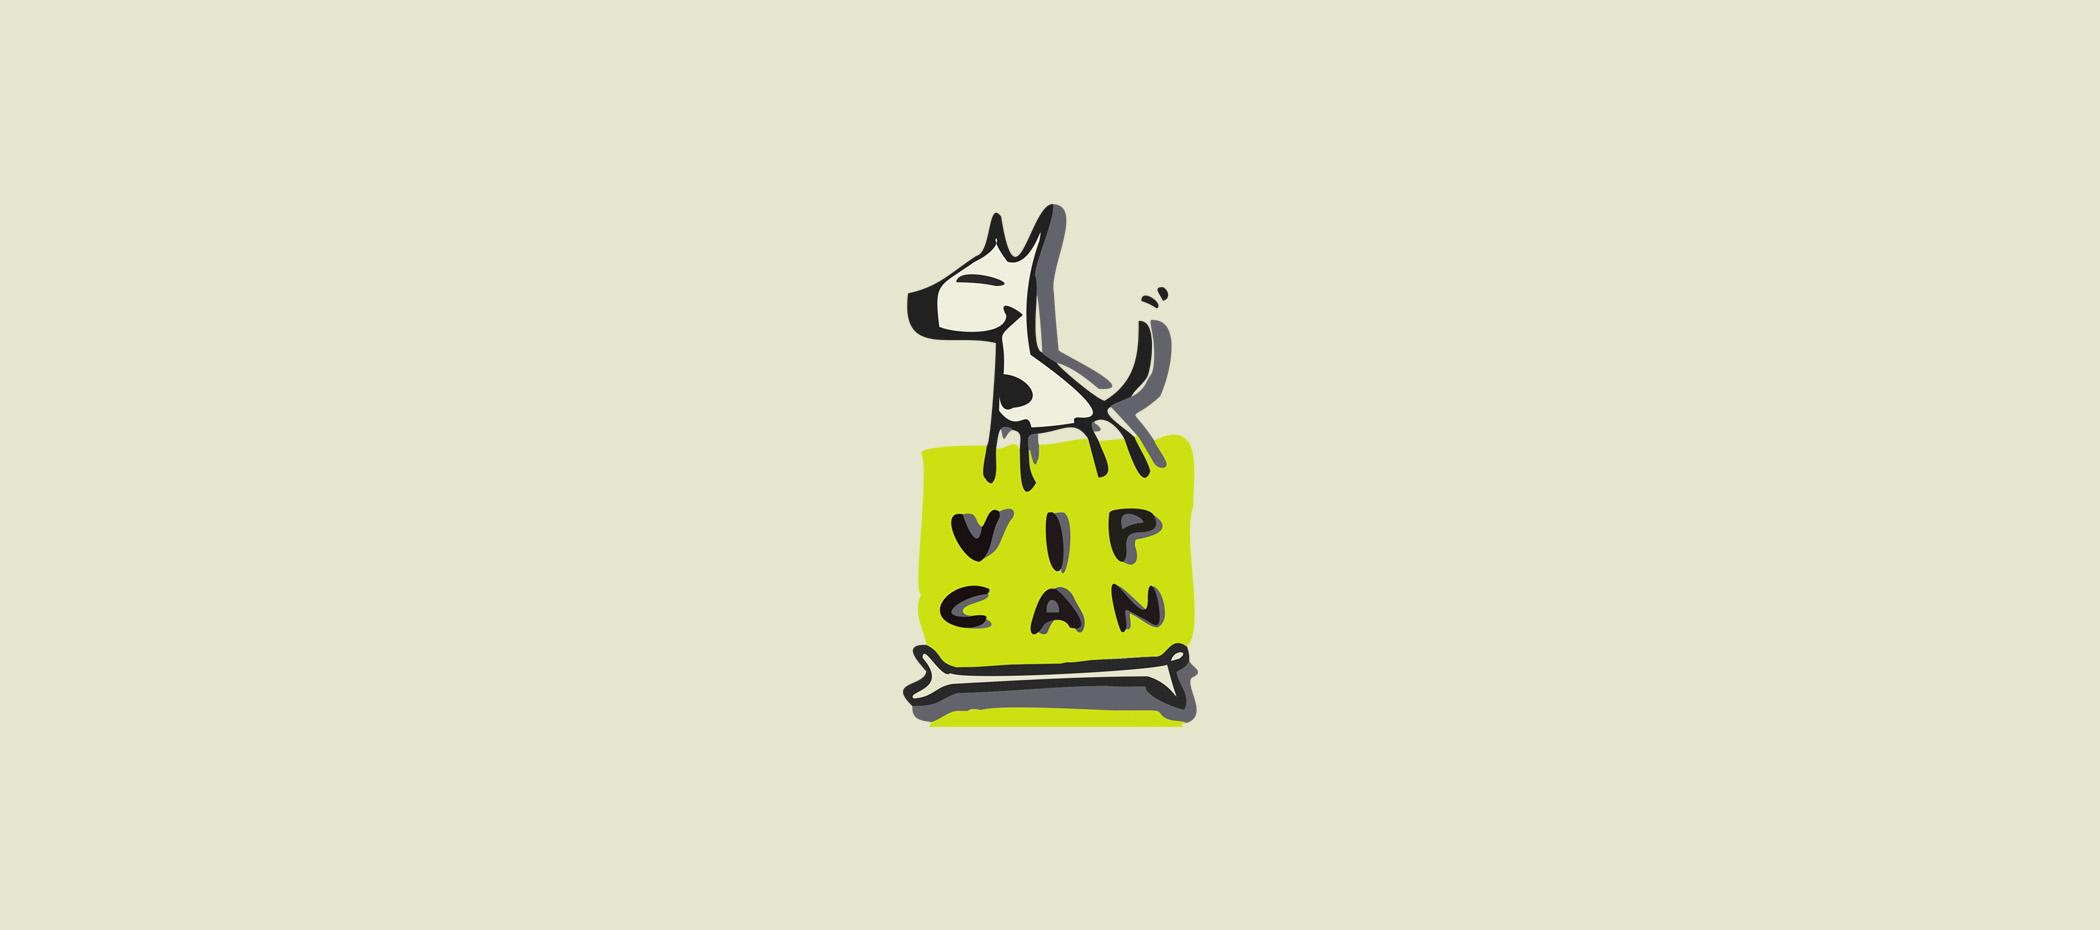 diseño logotipo - Beusual - diseño grafico santander - vip can